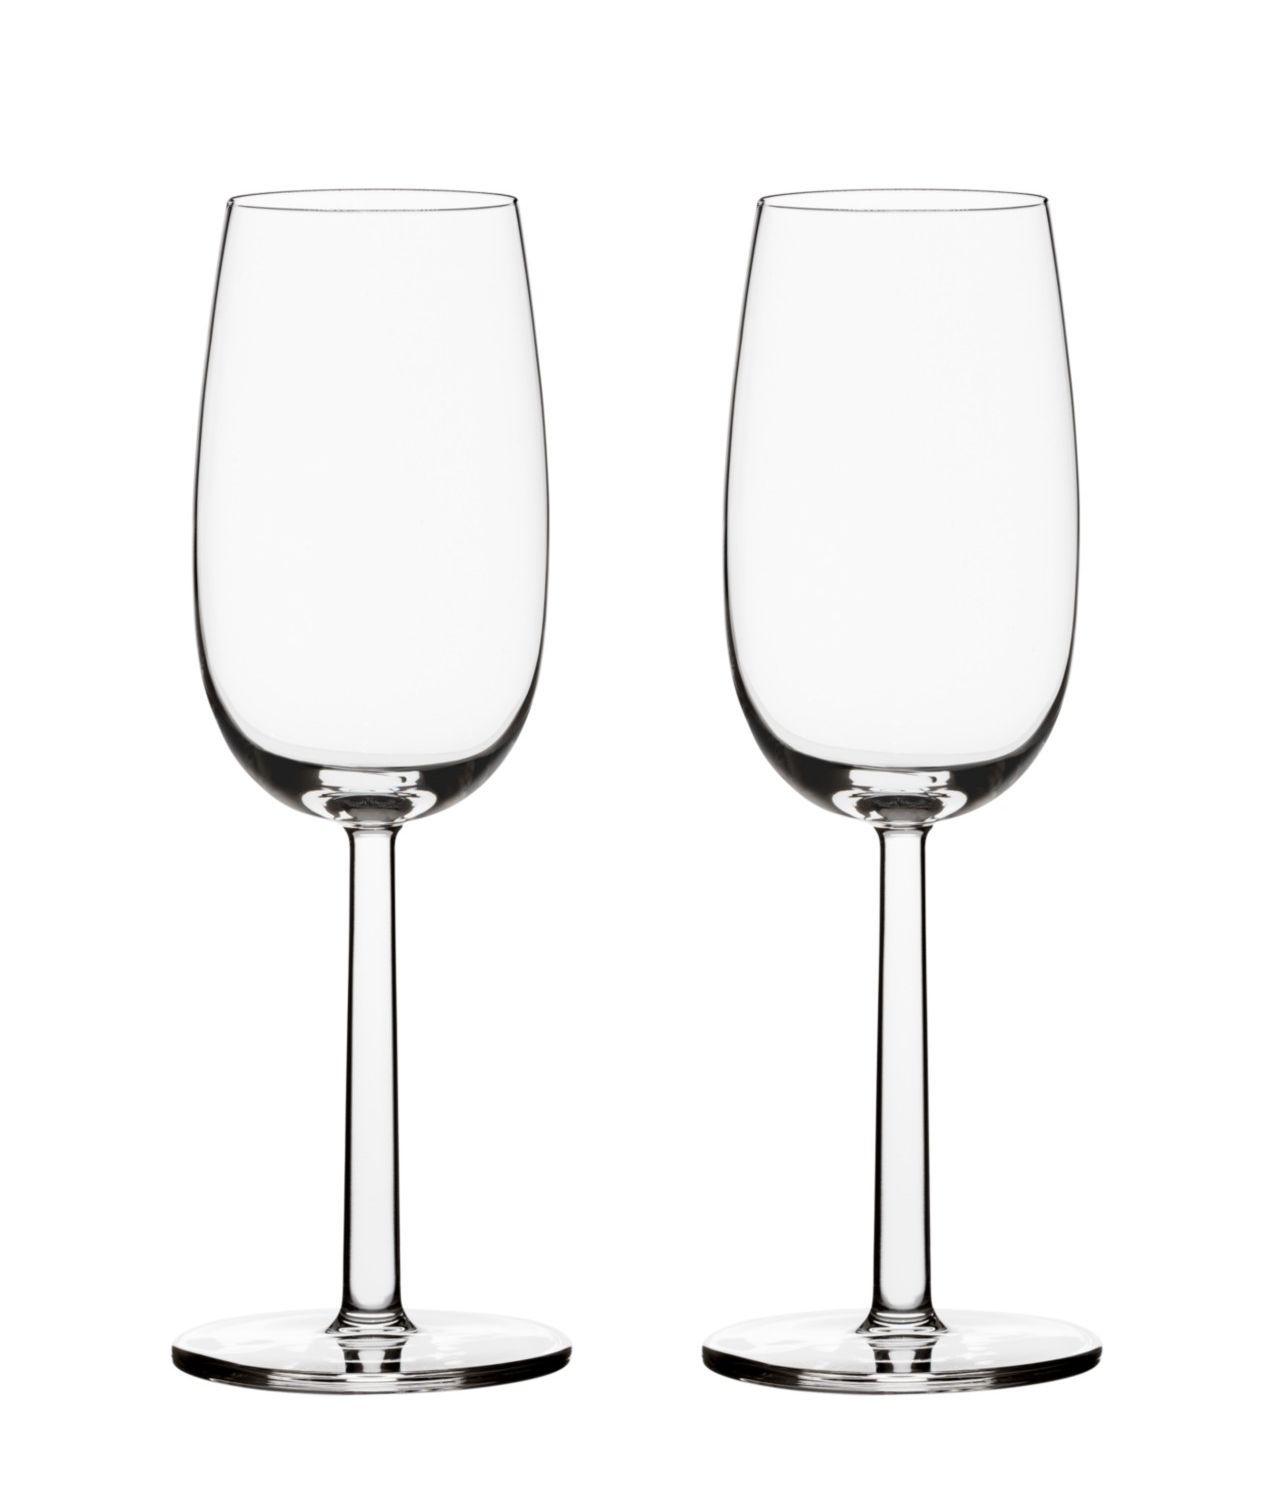 Iittala Raami champagneglas 24cl - 2 stuks